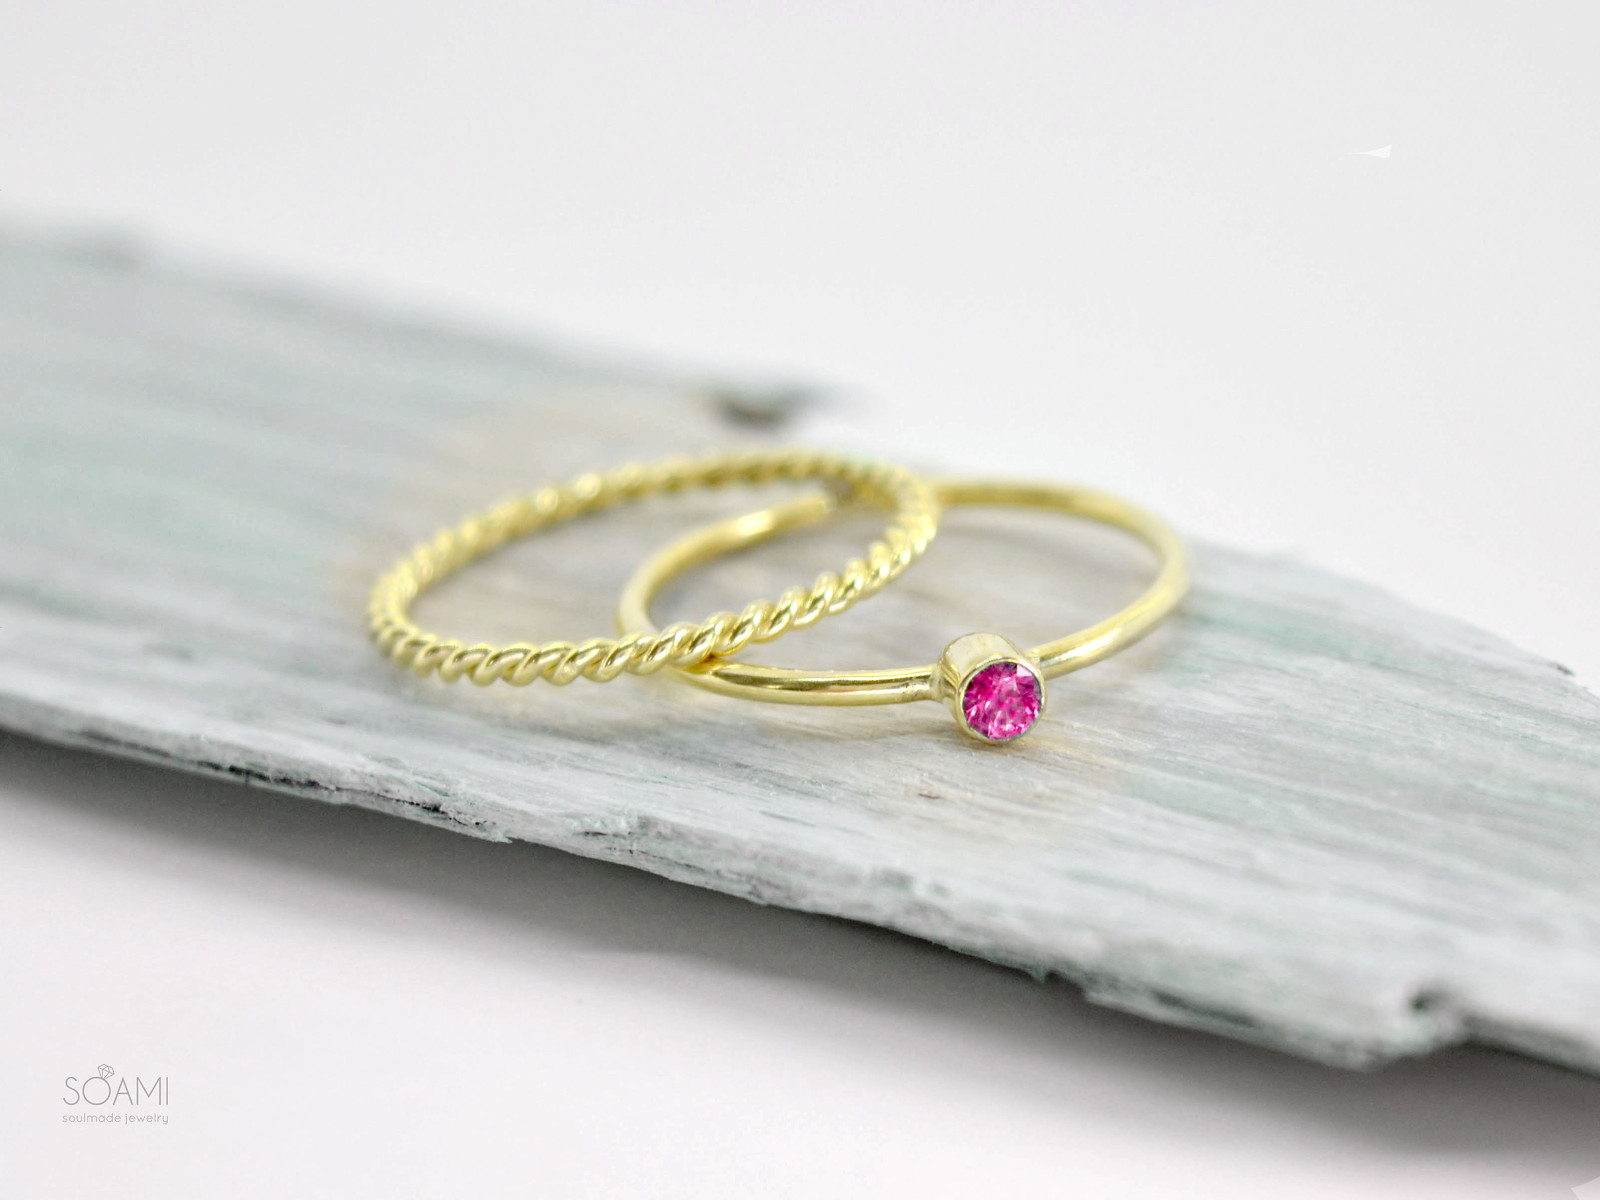 14kt zlatá sada prstenů s přírodním rubínem (žluté zlato)   Zboží prodejce  soamijewelry  8ad274bc4ed